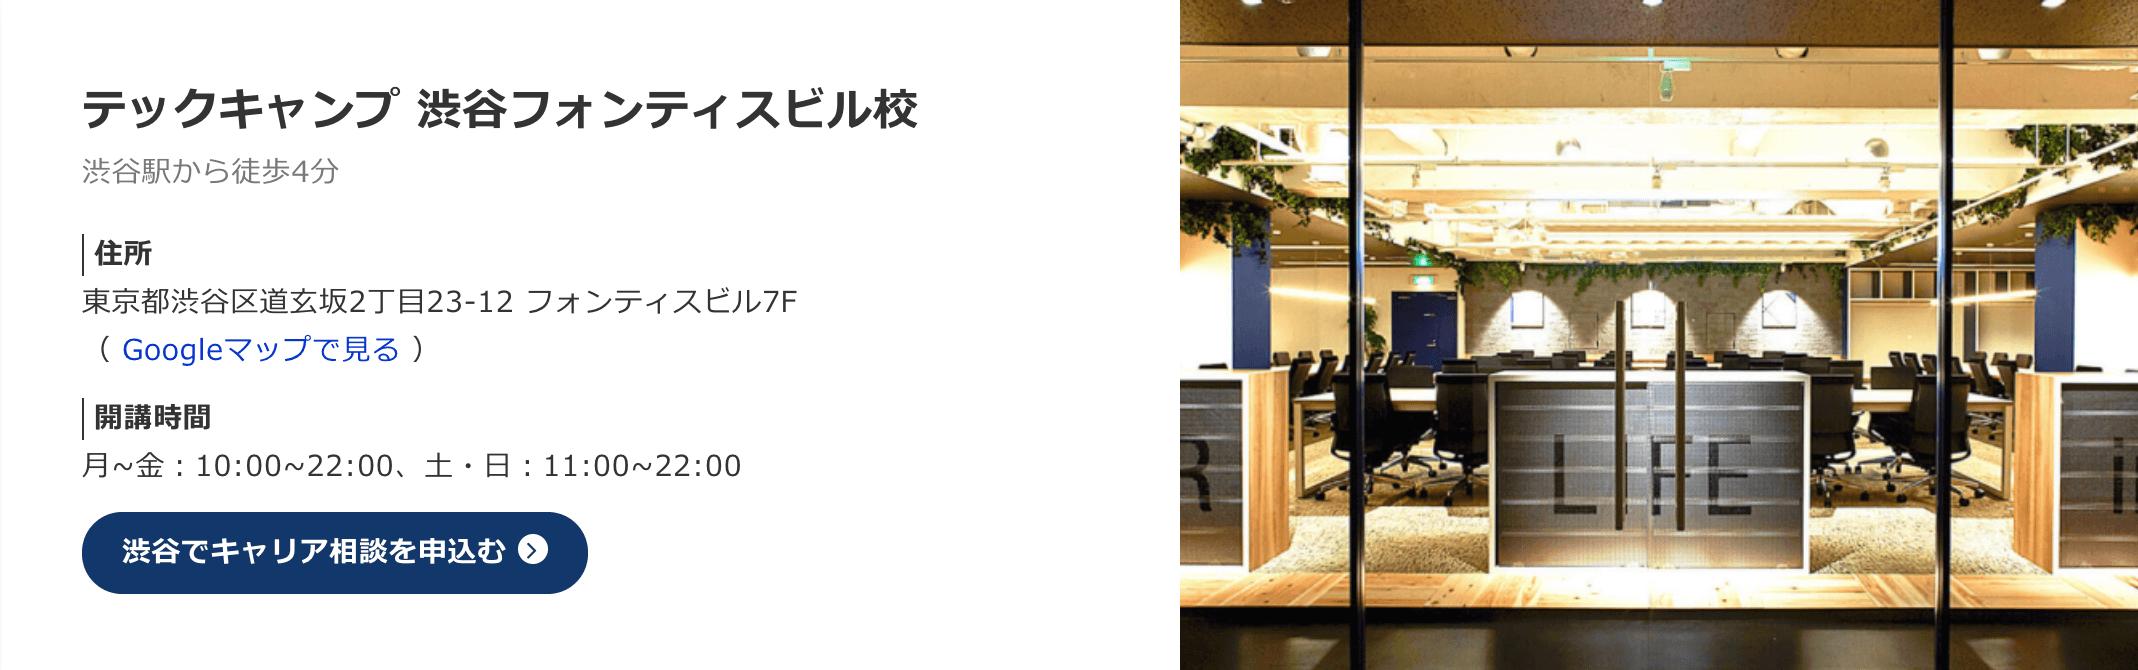 渋谷フォンティスビル校